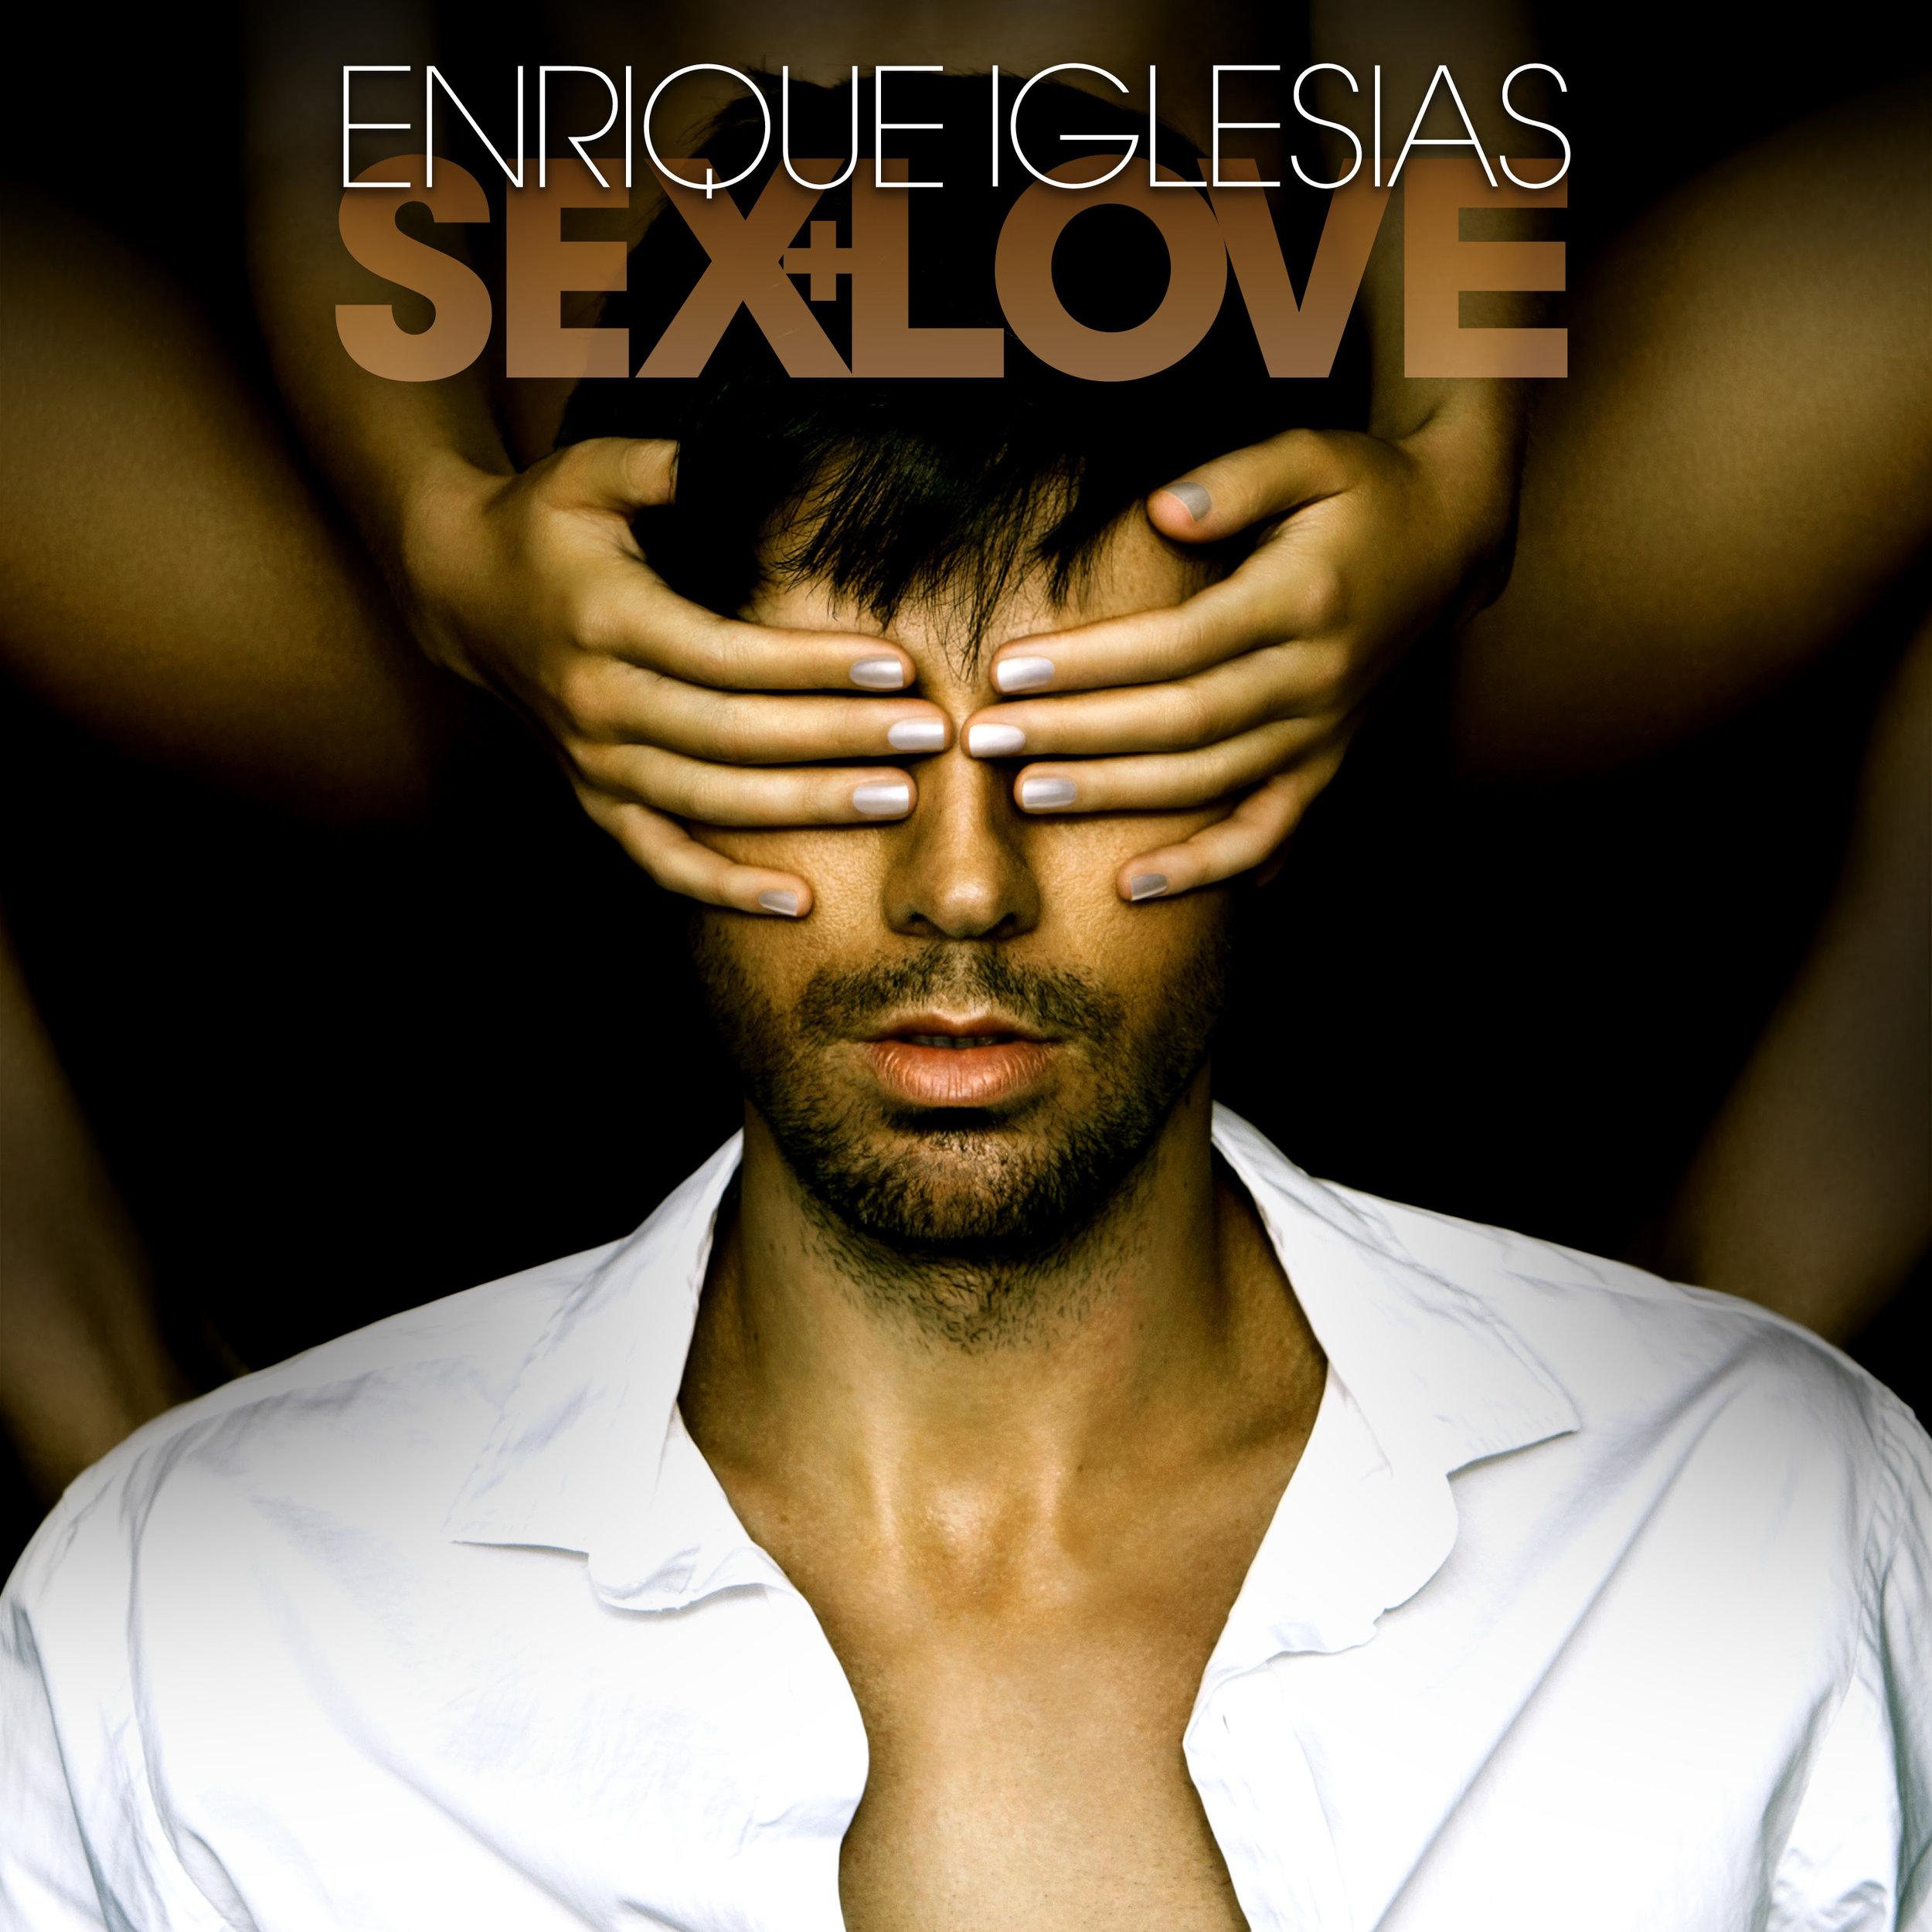 EnriqueIglesias_SexAndLove.jpg